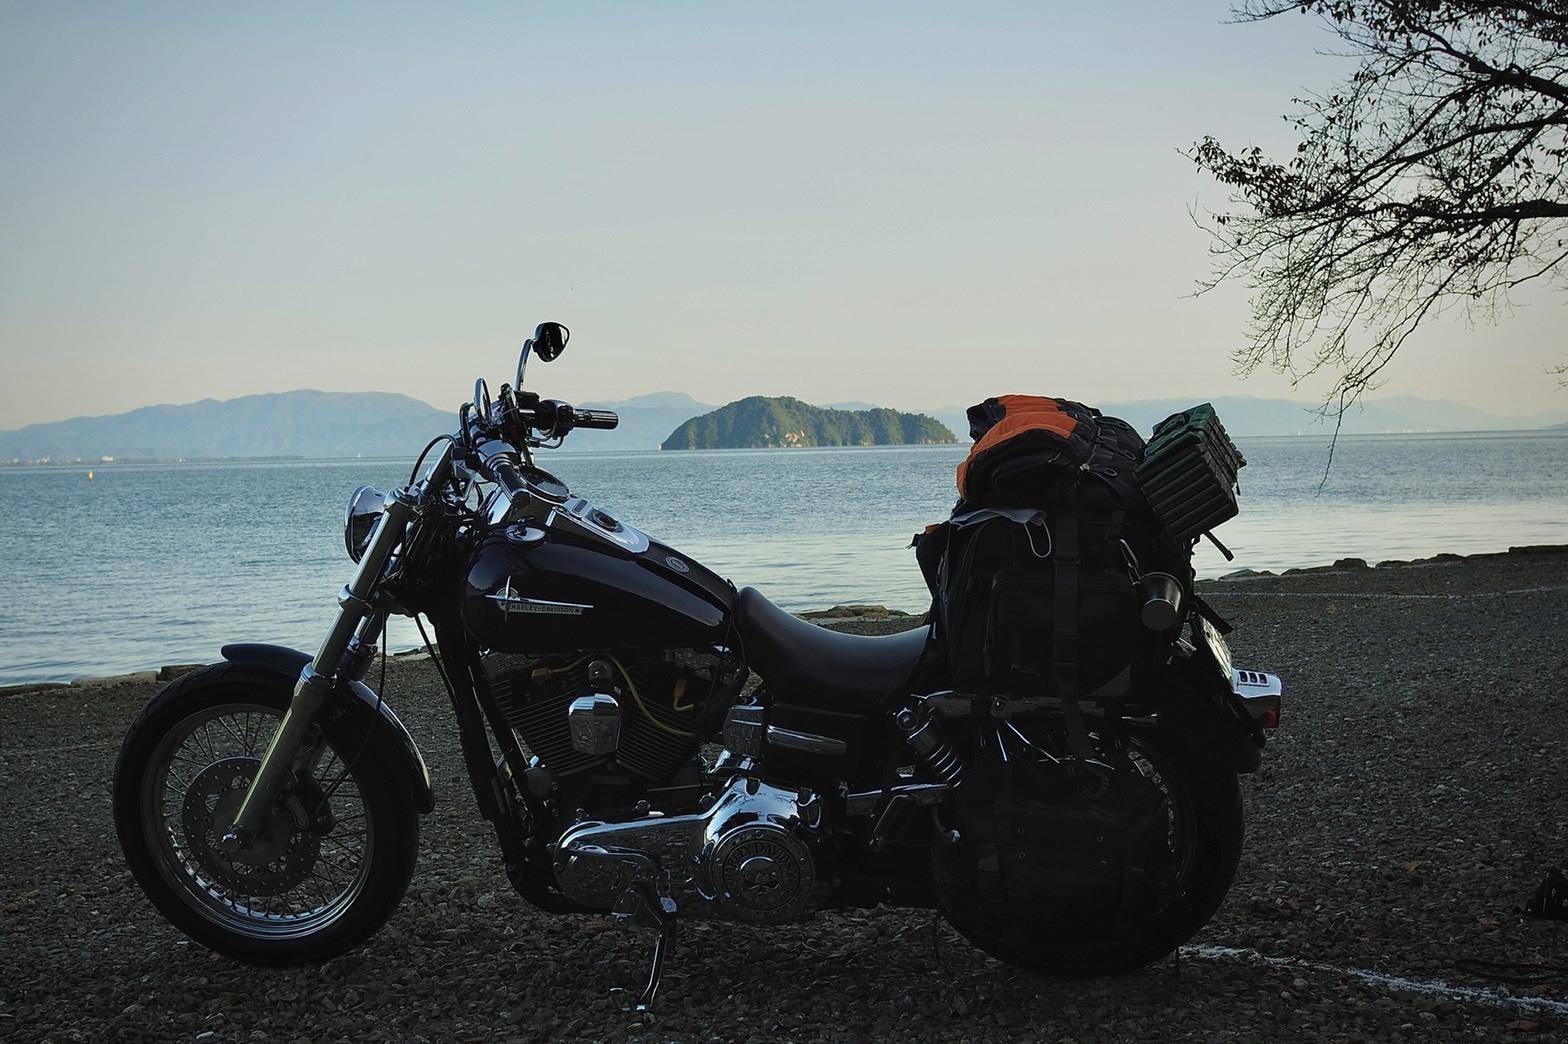 ぴきーちハーレーブログ 奥琵琶湖キャンプツーリング 二本松キャンプ場の景色 竹生島